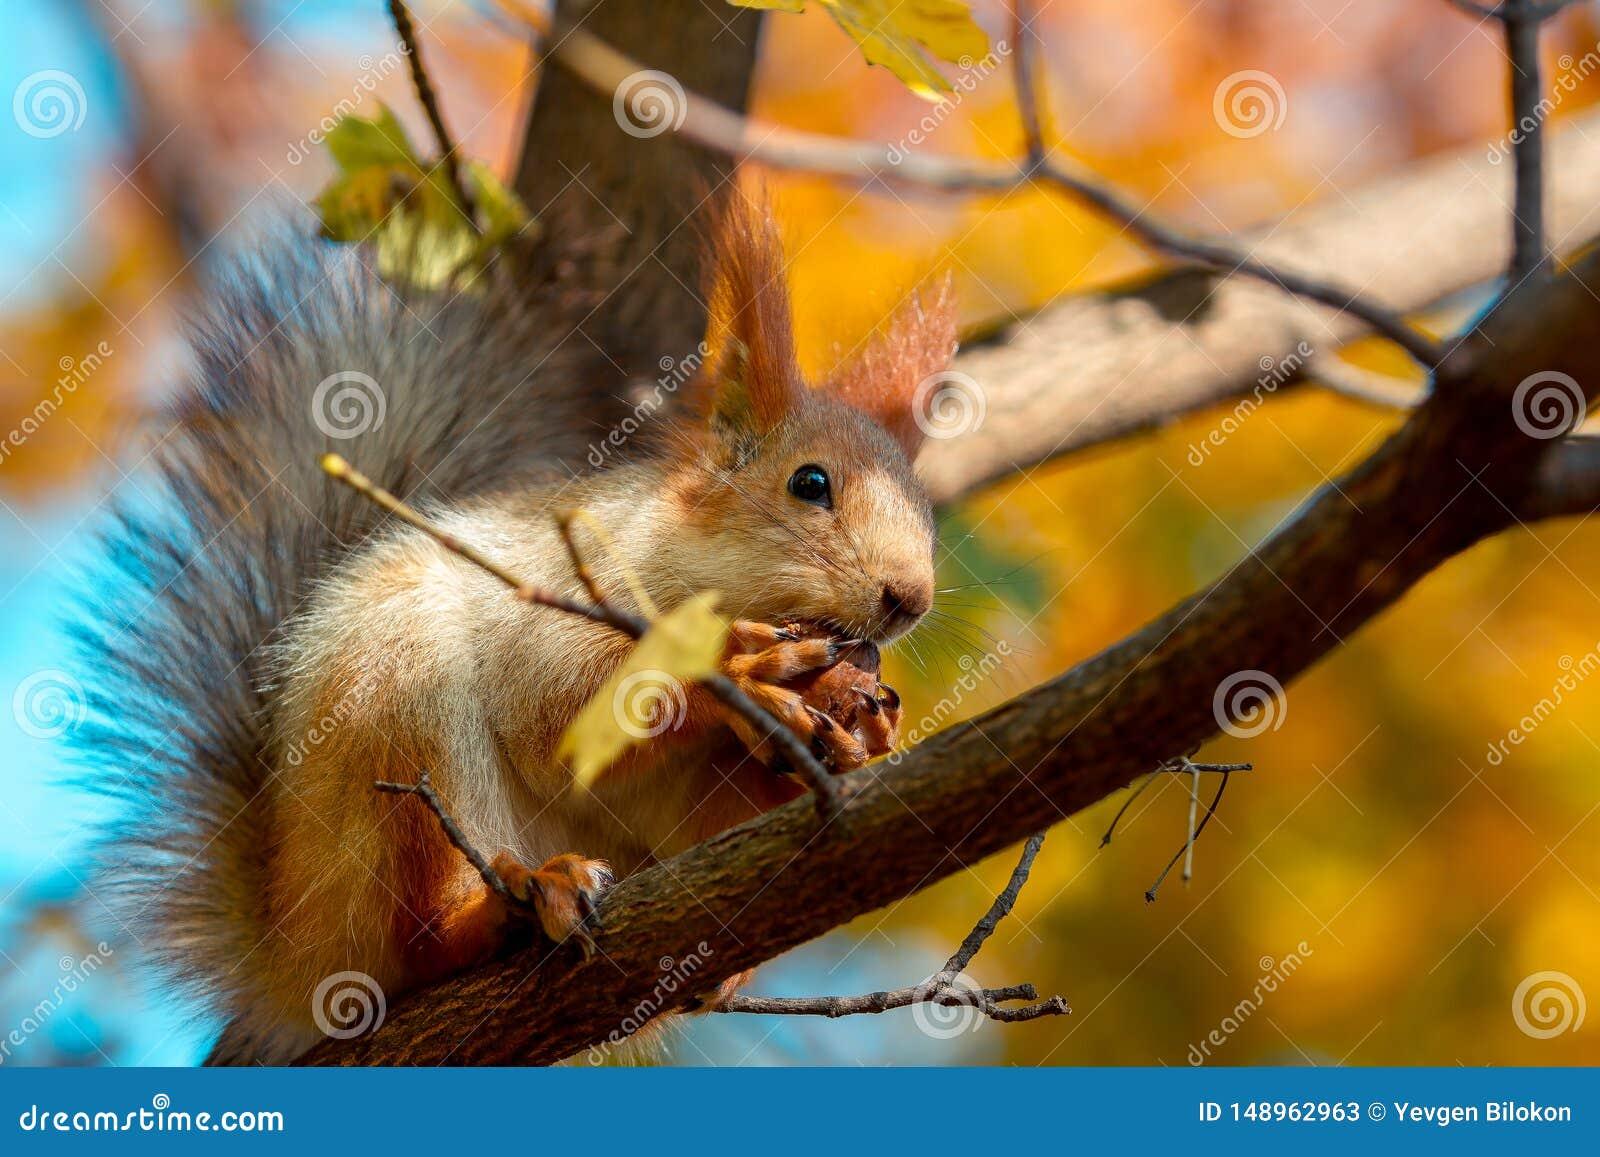 Eichh?rnchen isst eine Walnuss auf einem Baumast